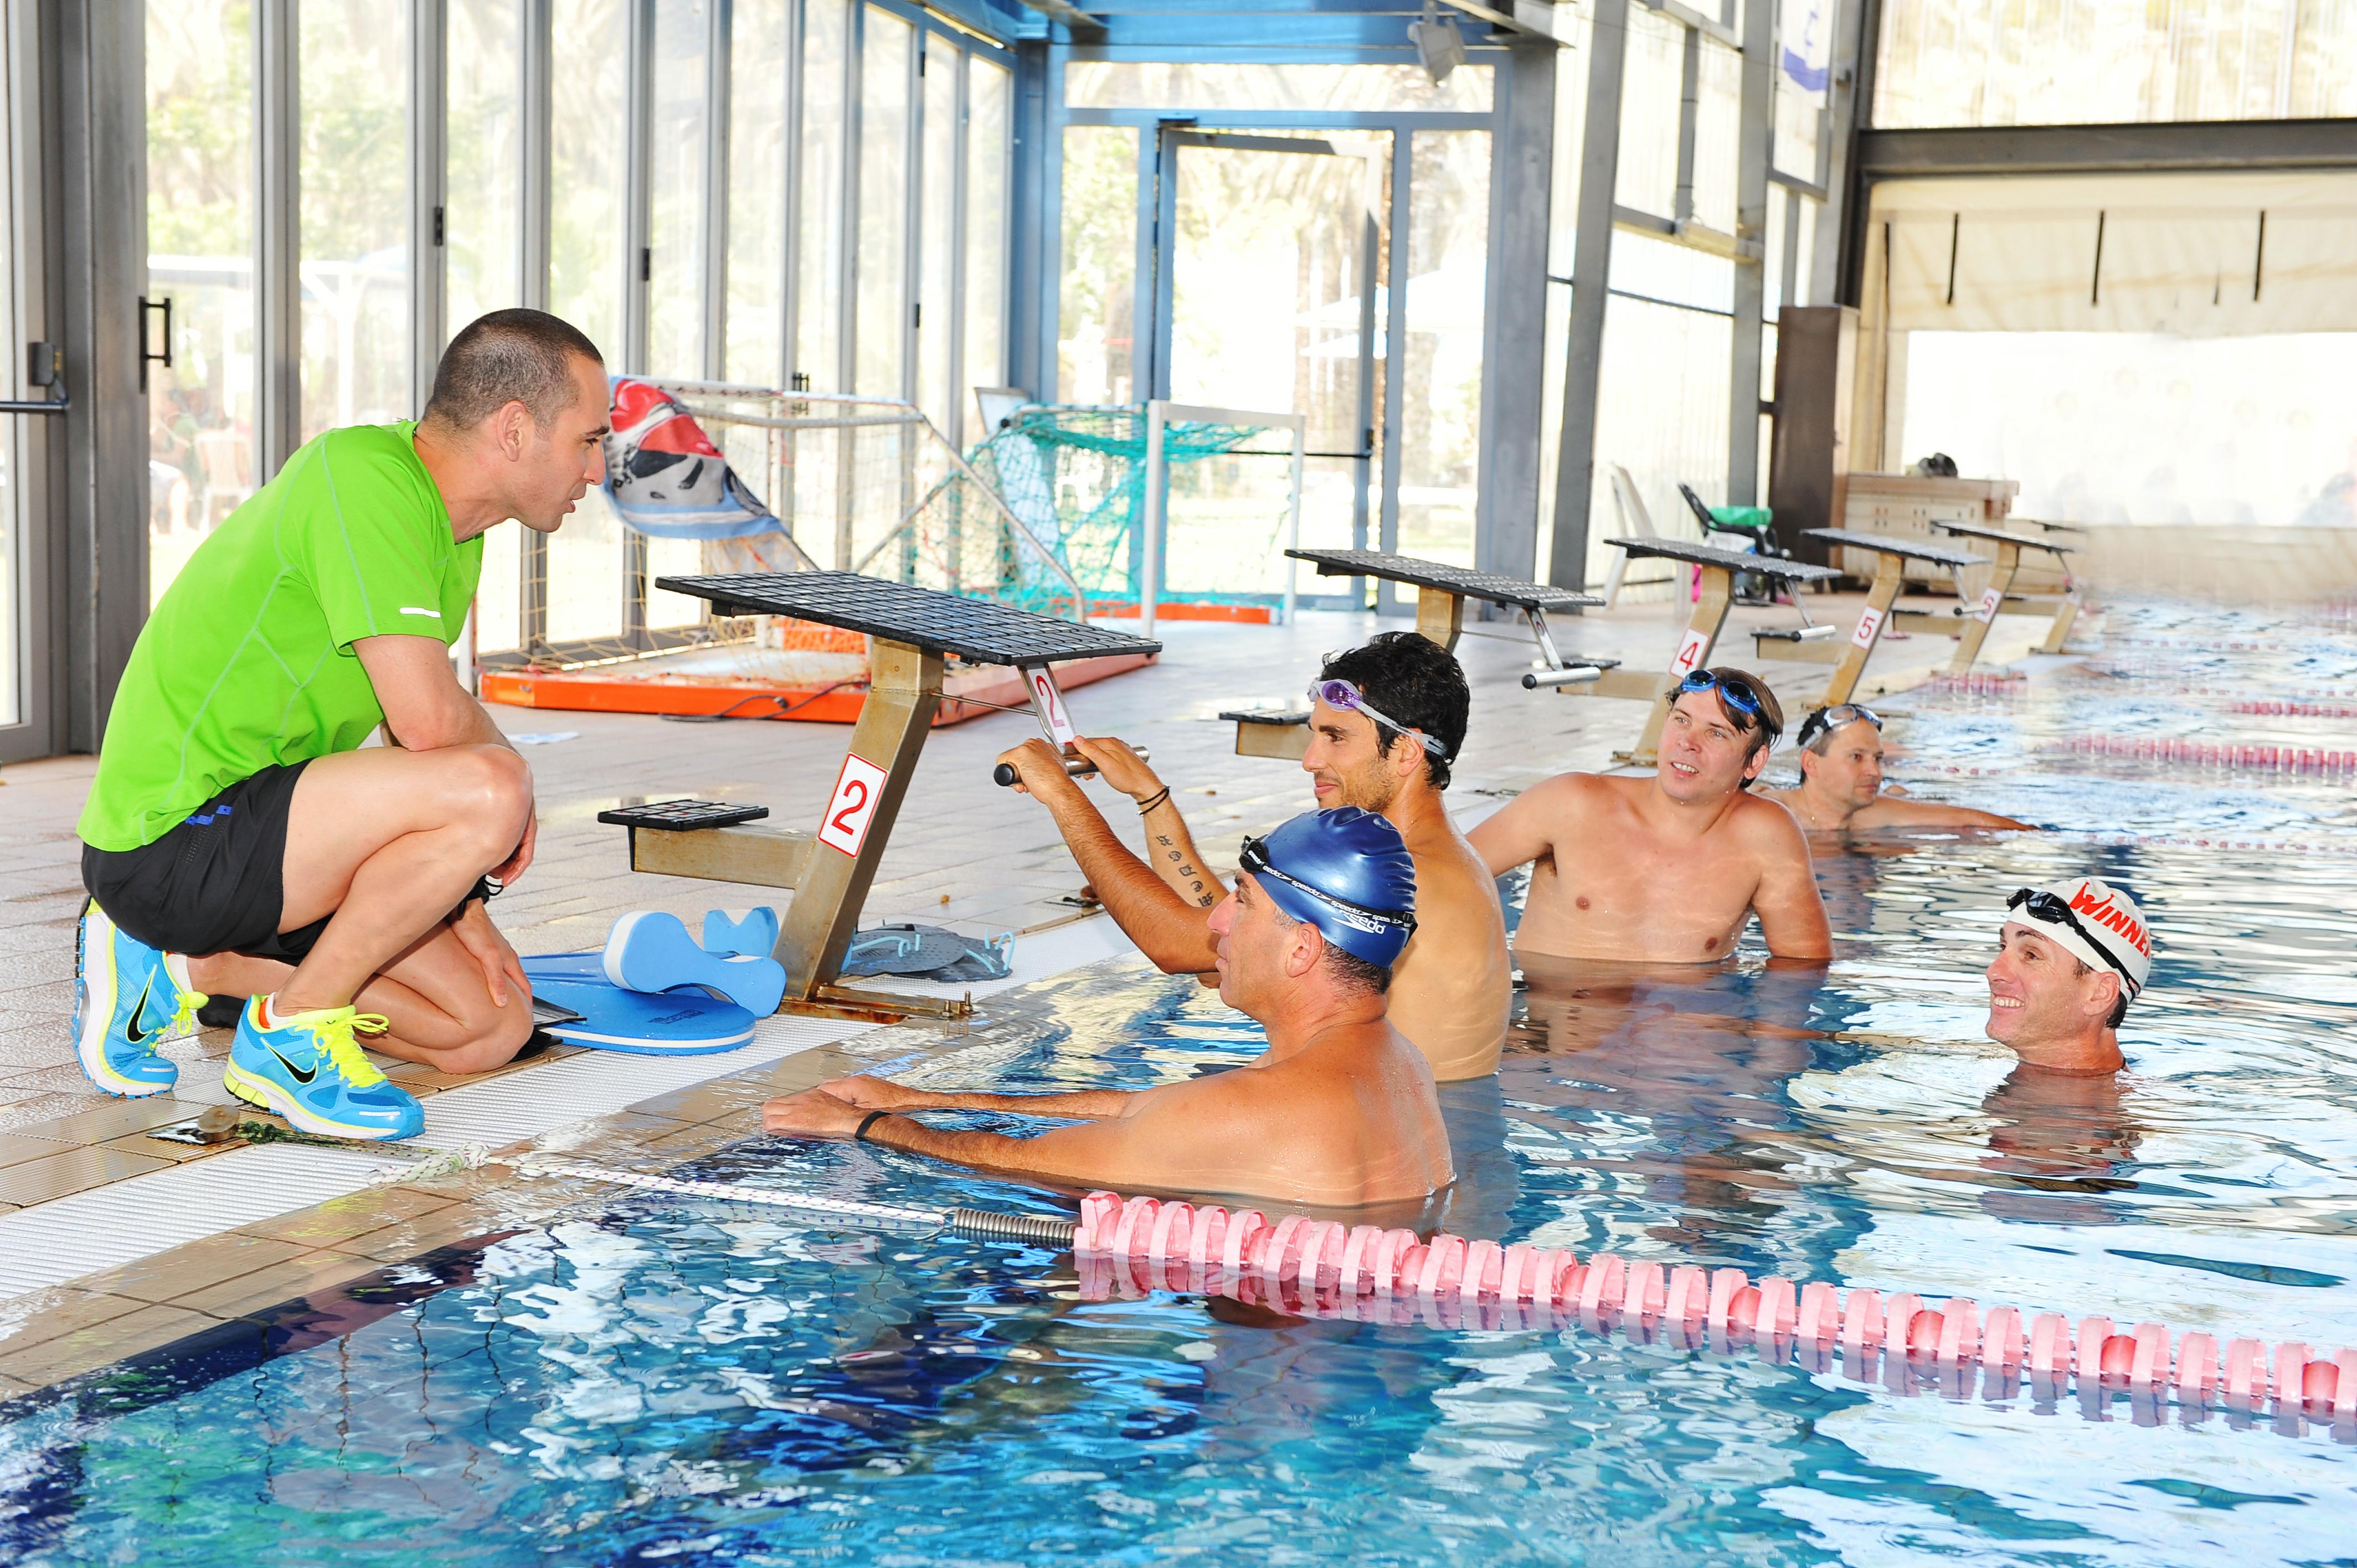 אימון שחייה - קבוצות אימון בבריכה